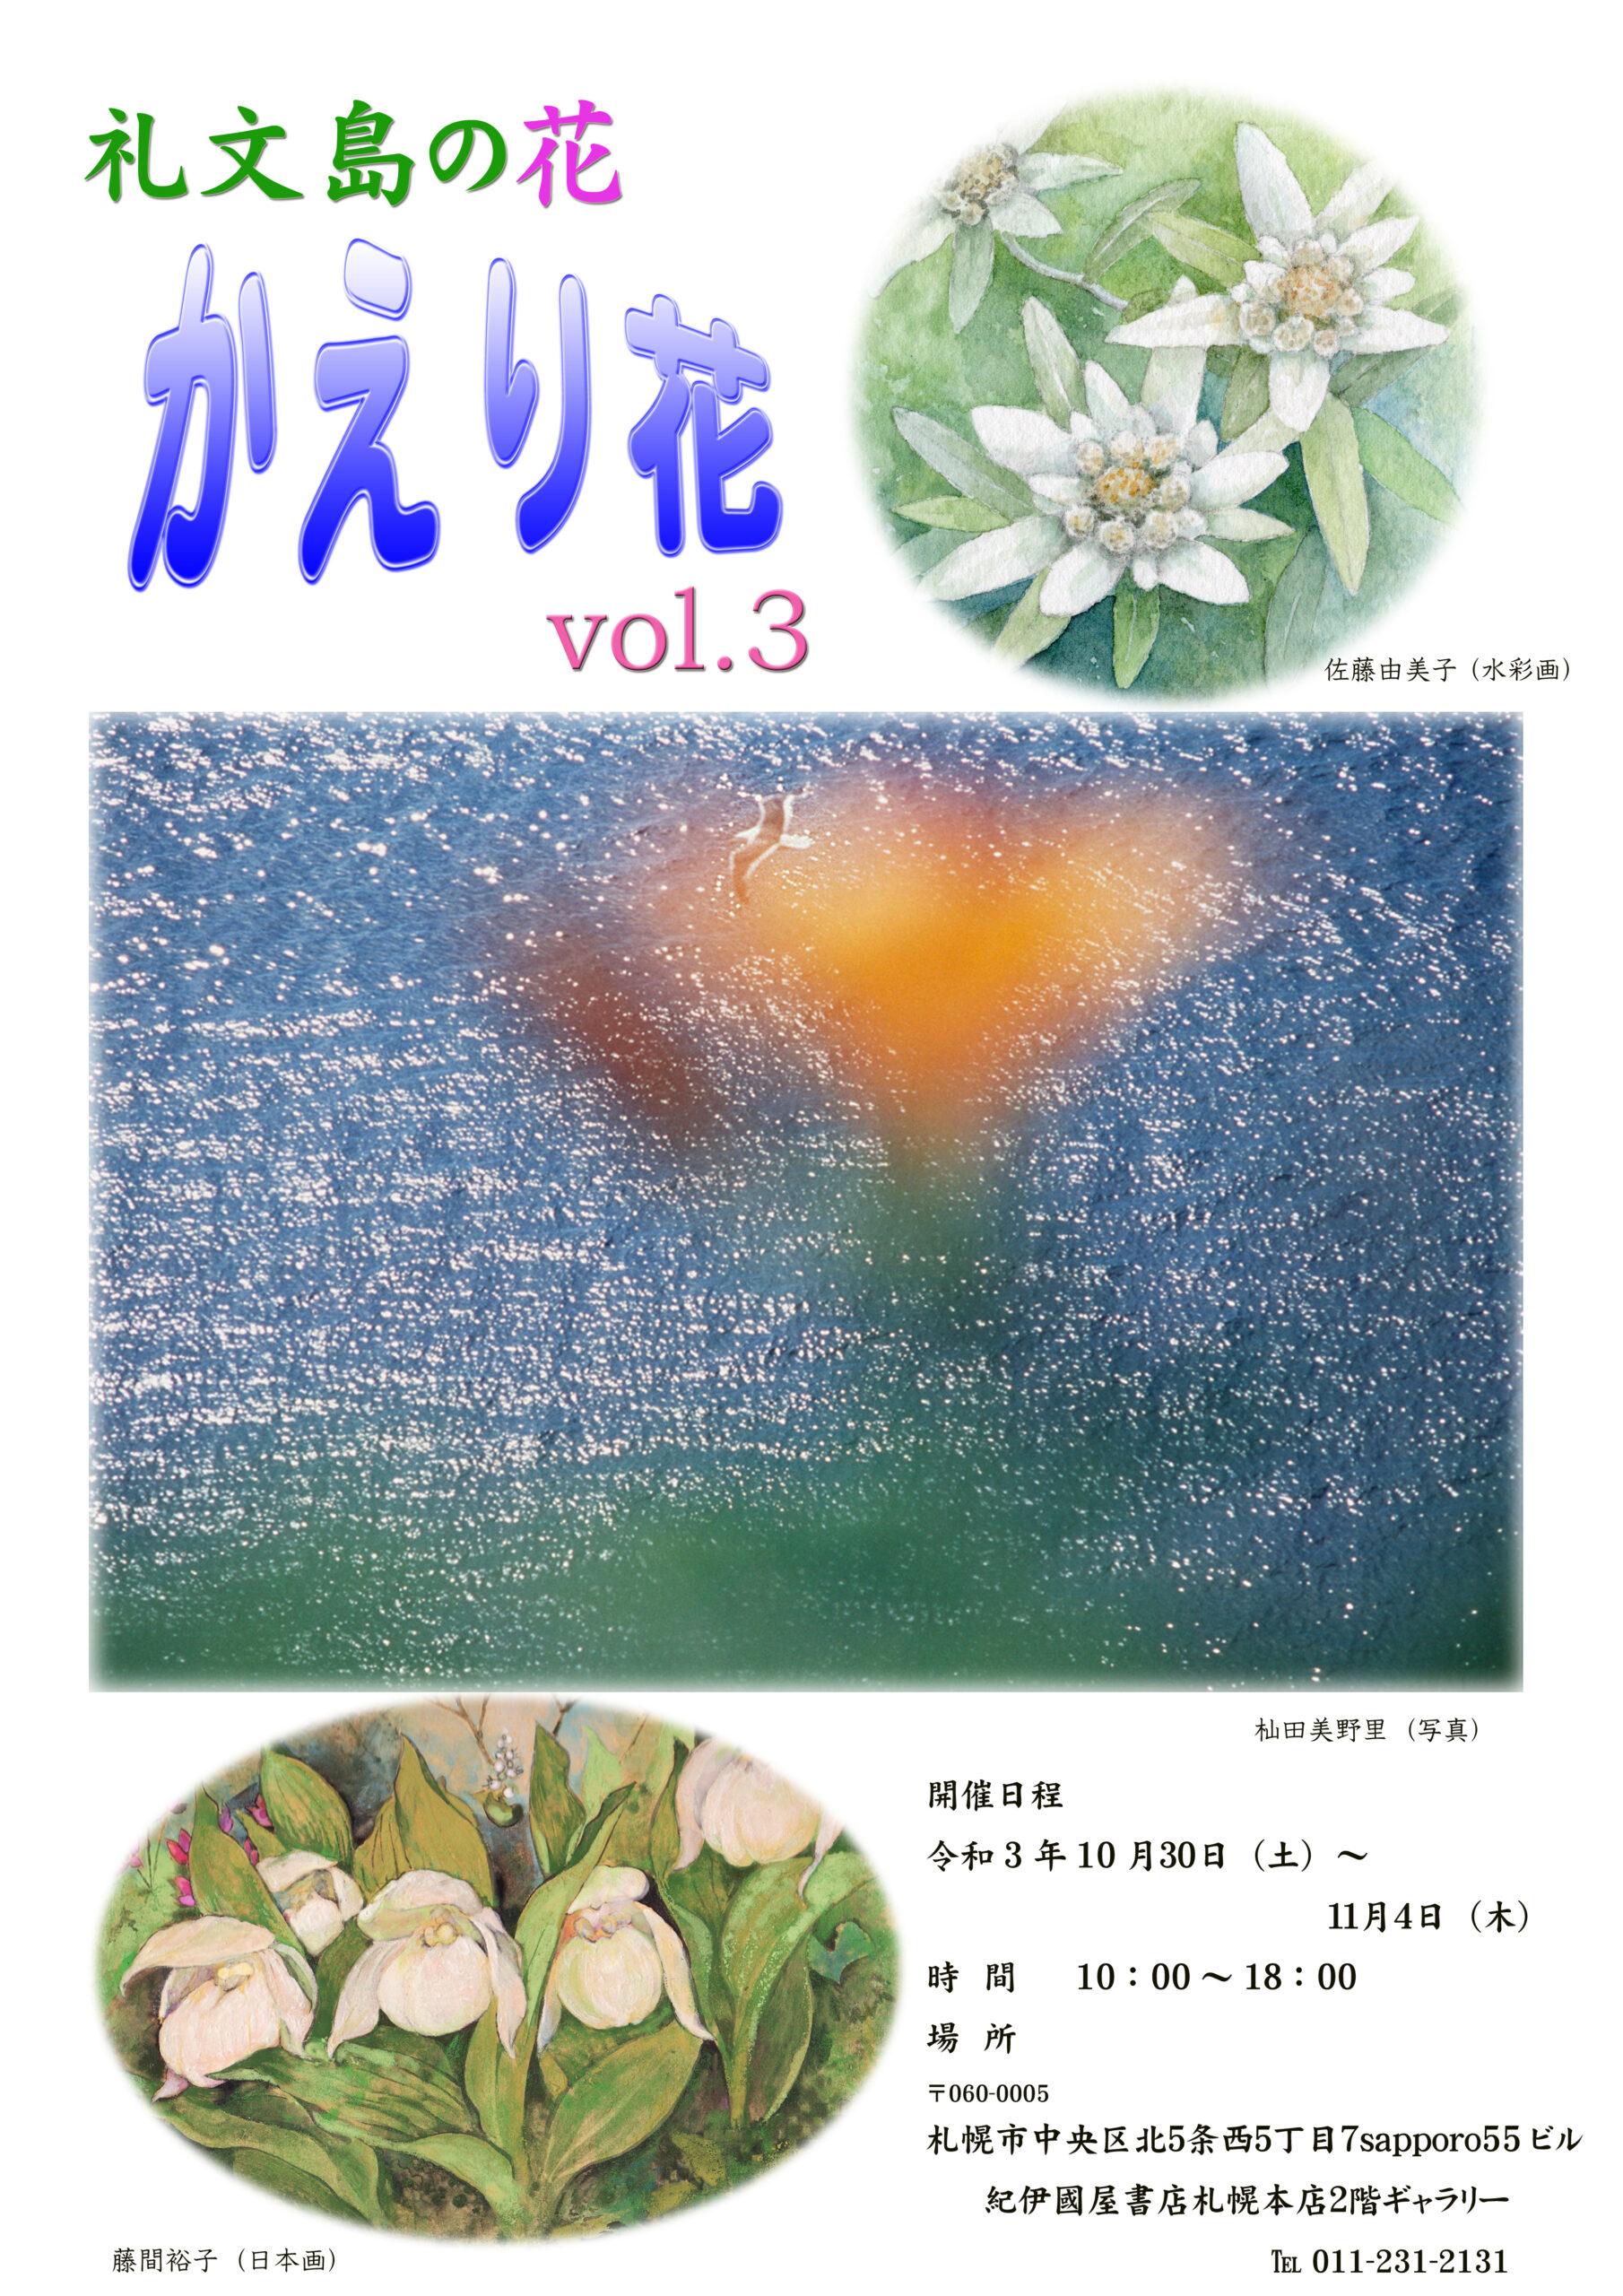 紀伊國屋書店:礼文島の花「かえり花 vol.3」